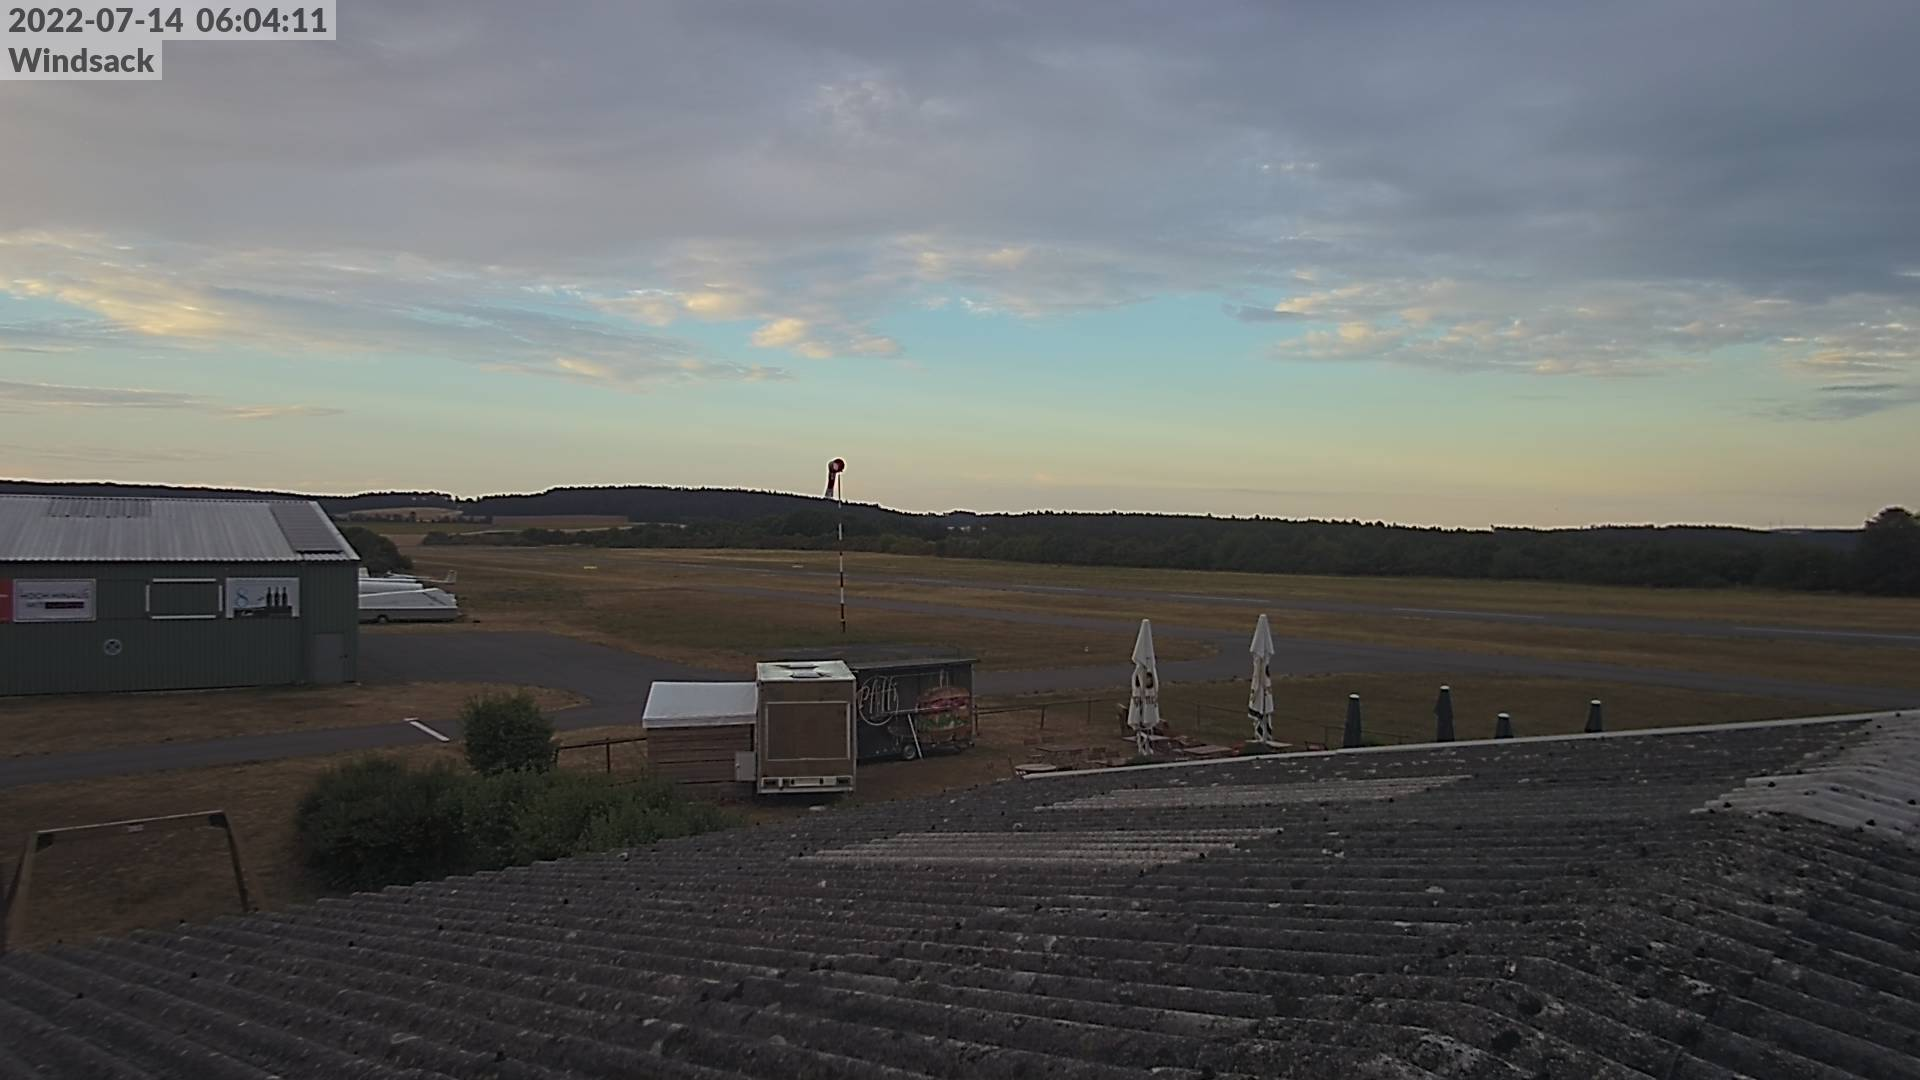 Webcam, Blick in Richtung Windsack